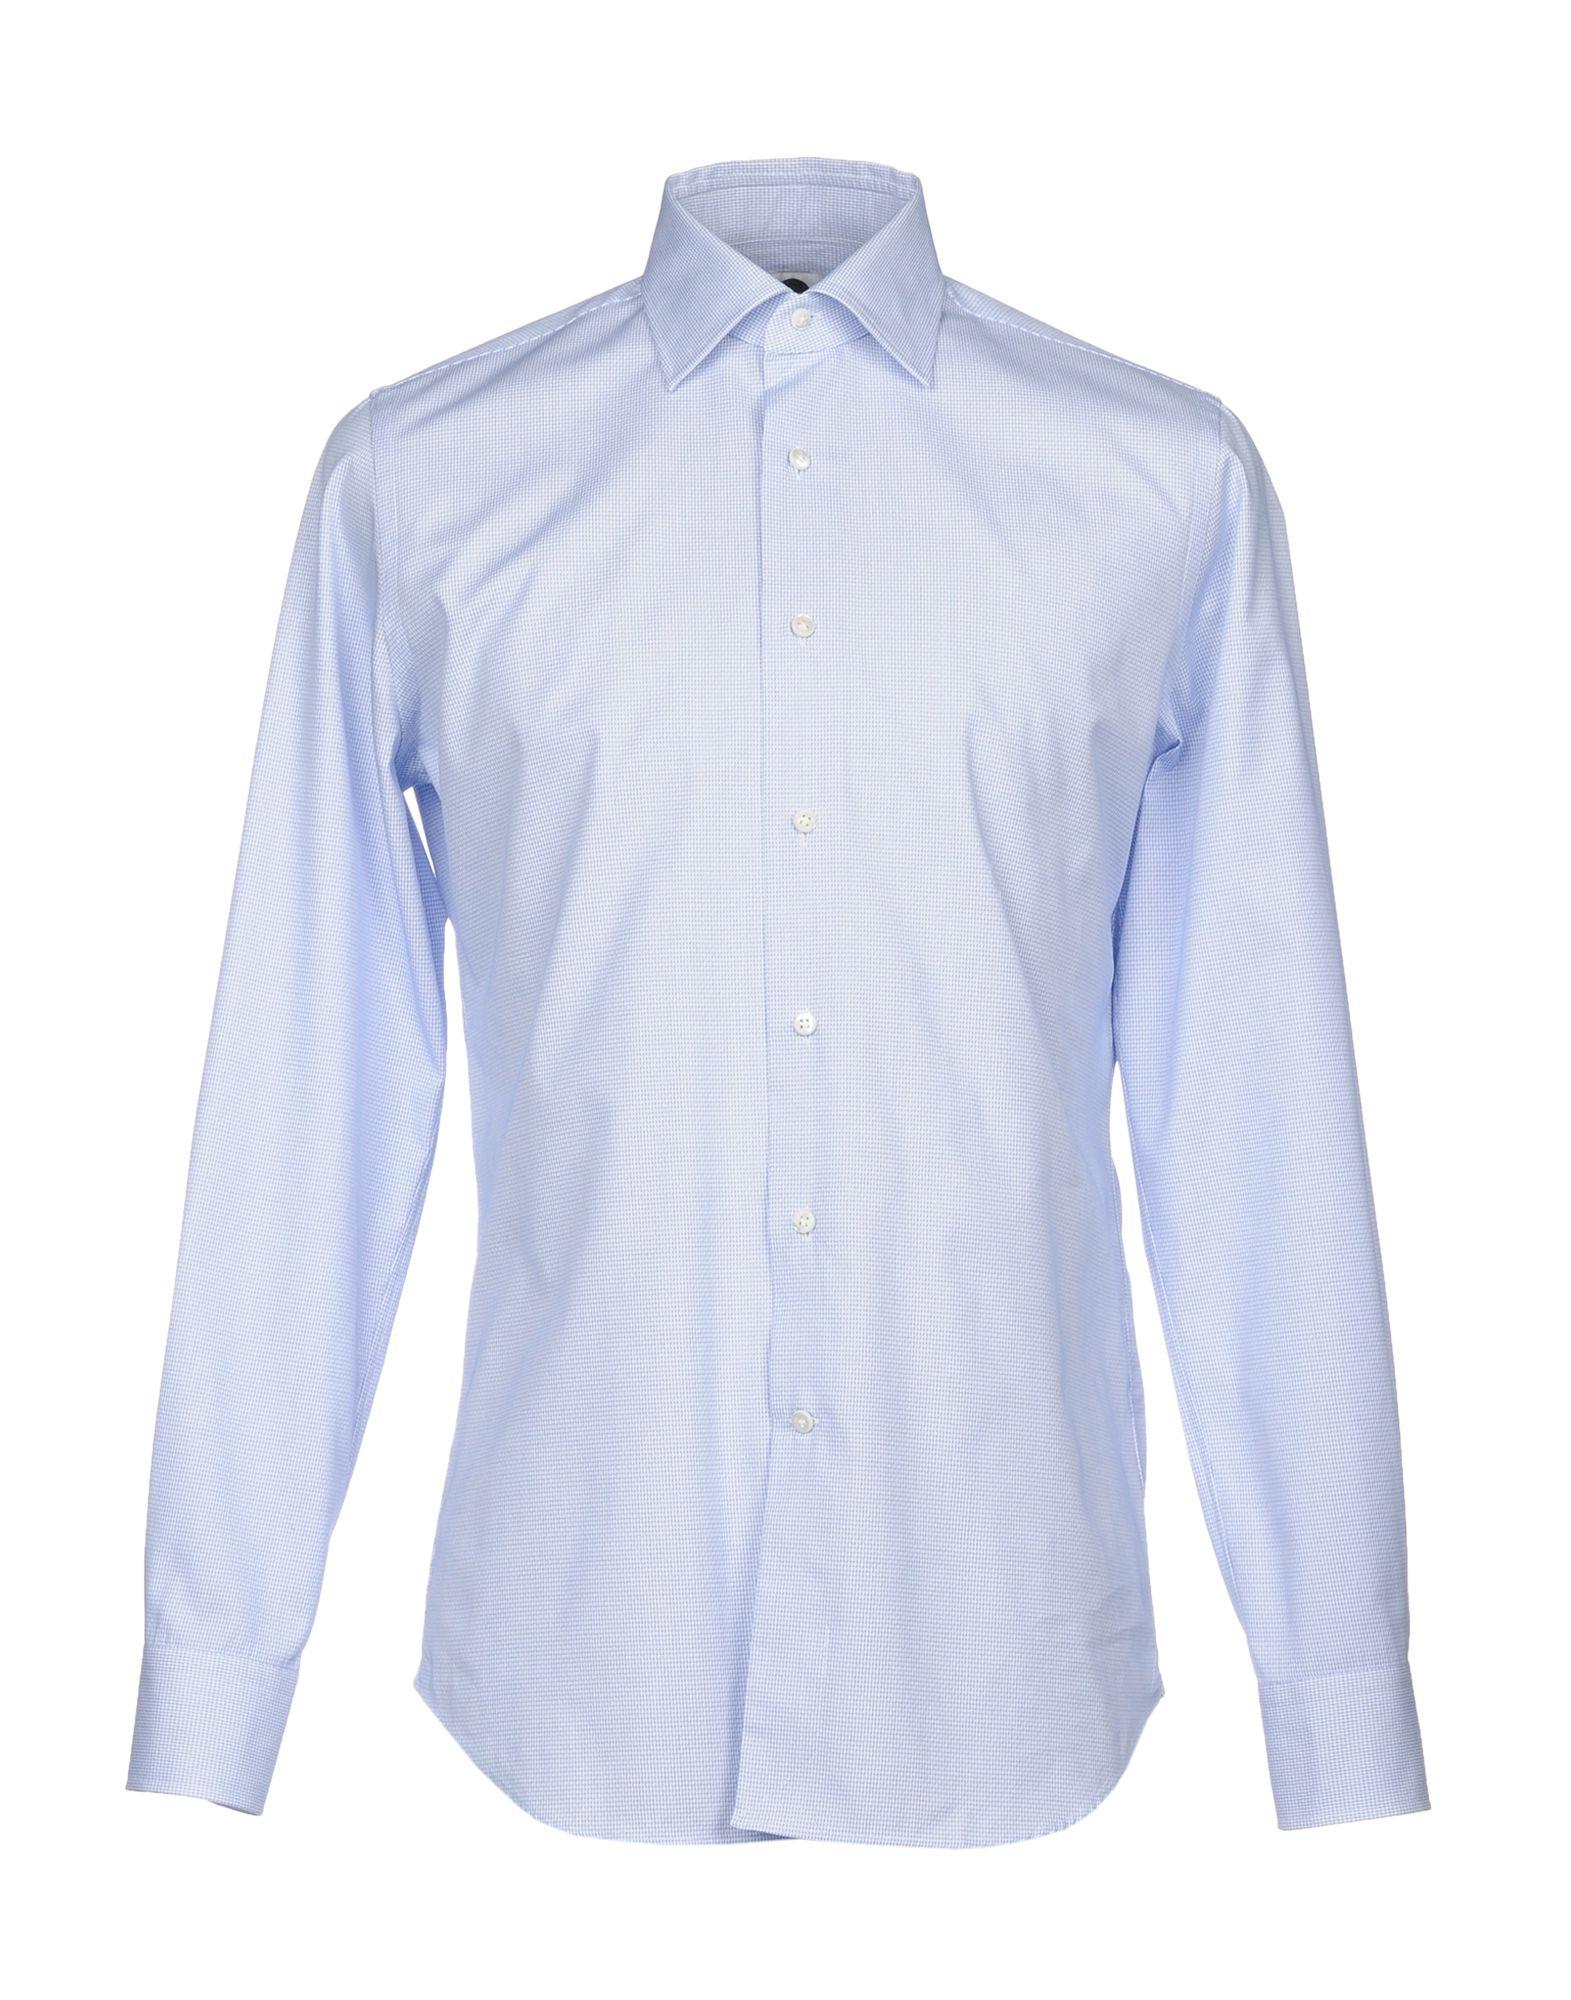 《送料無料》BAGUTTA メンズ シャツ ブルー 43 コットン 100%